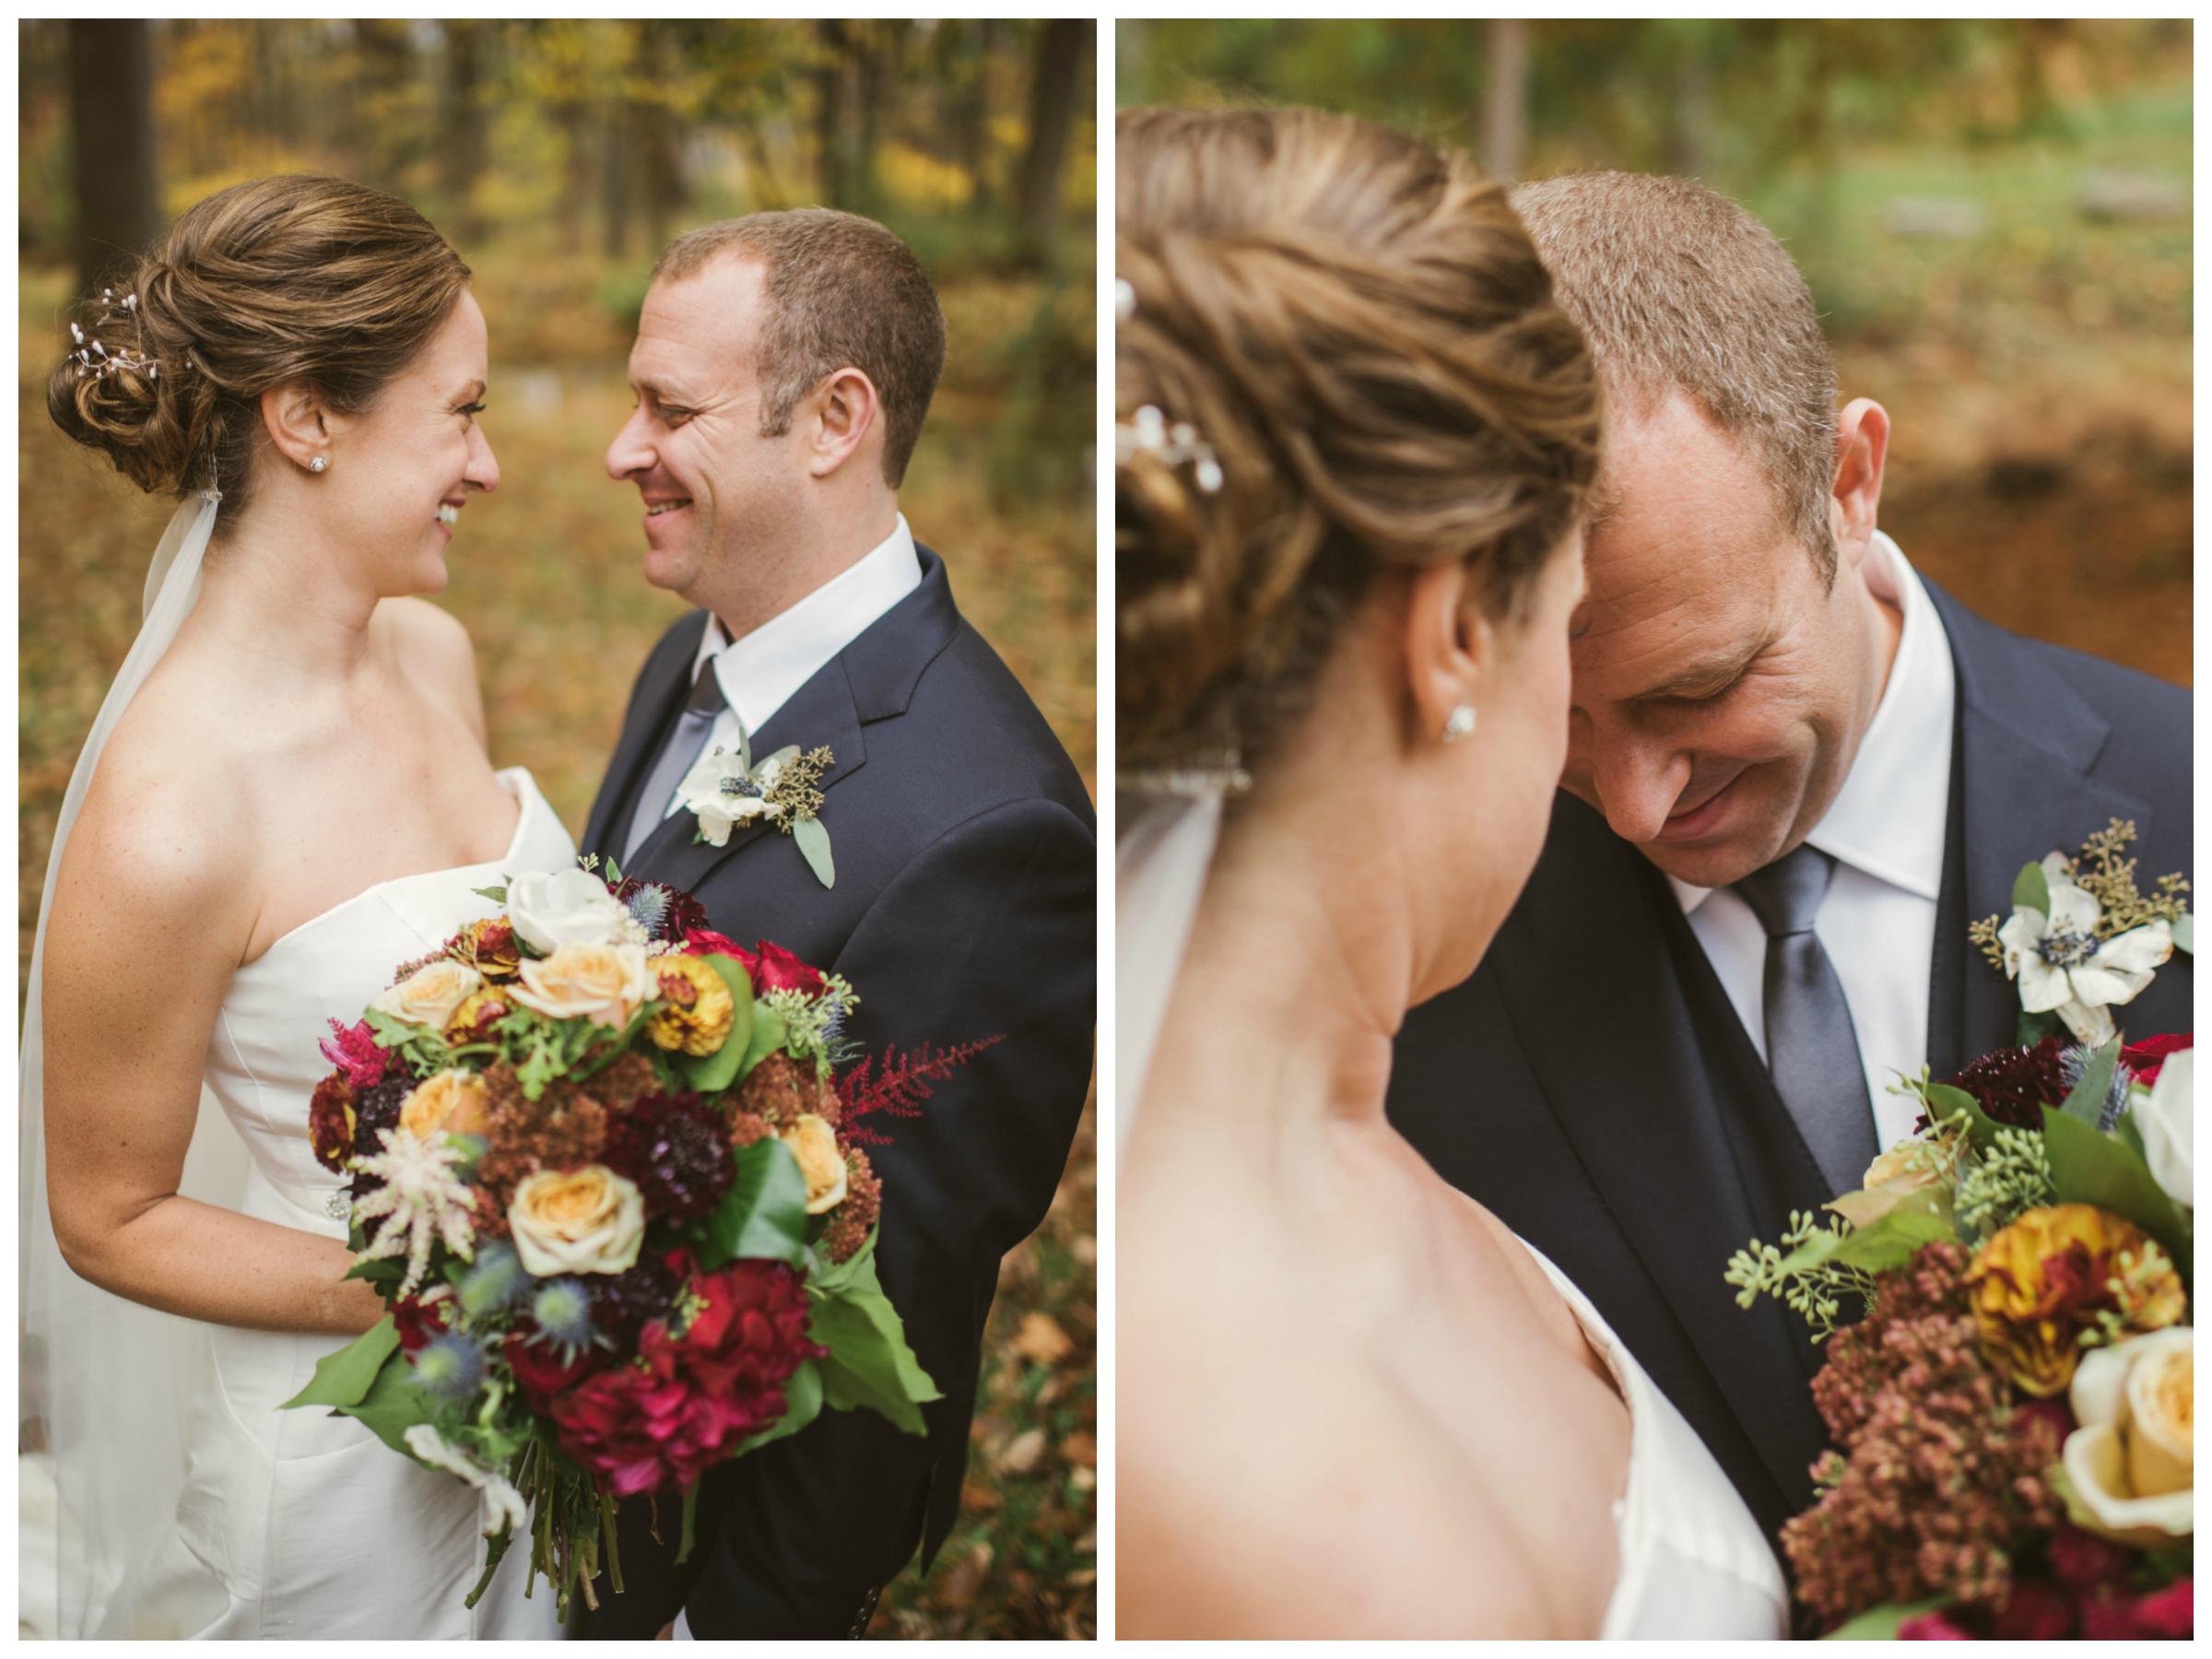 BROOKMILL FARM FALL WEDDING - TWOTWENTY by CHI-CHI AGBIM - PIC STITCH 12.jpg